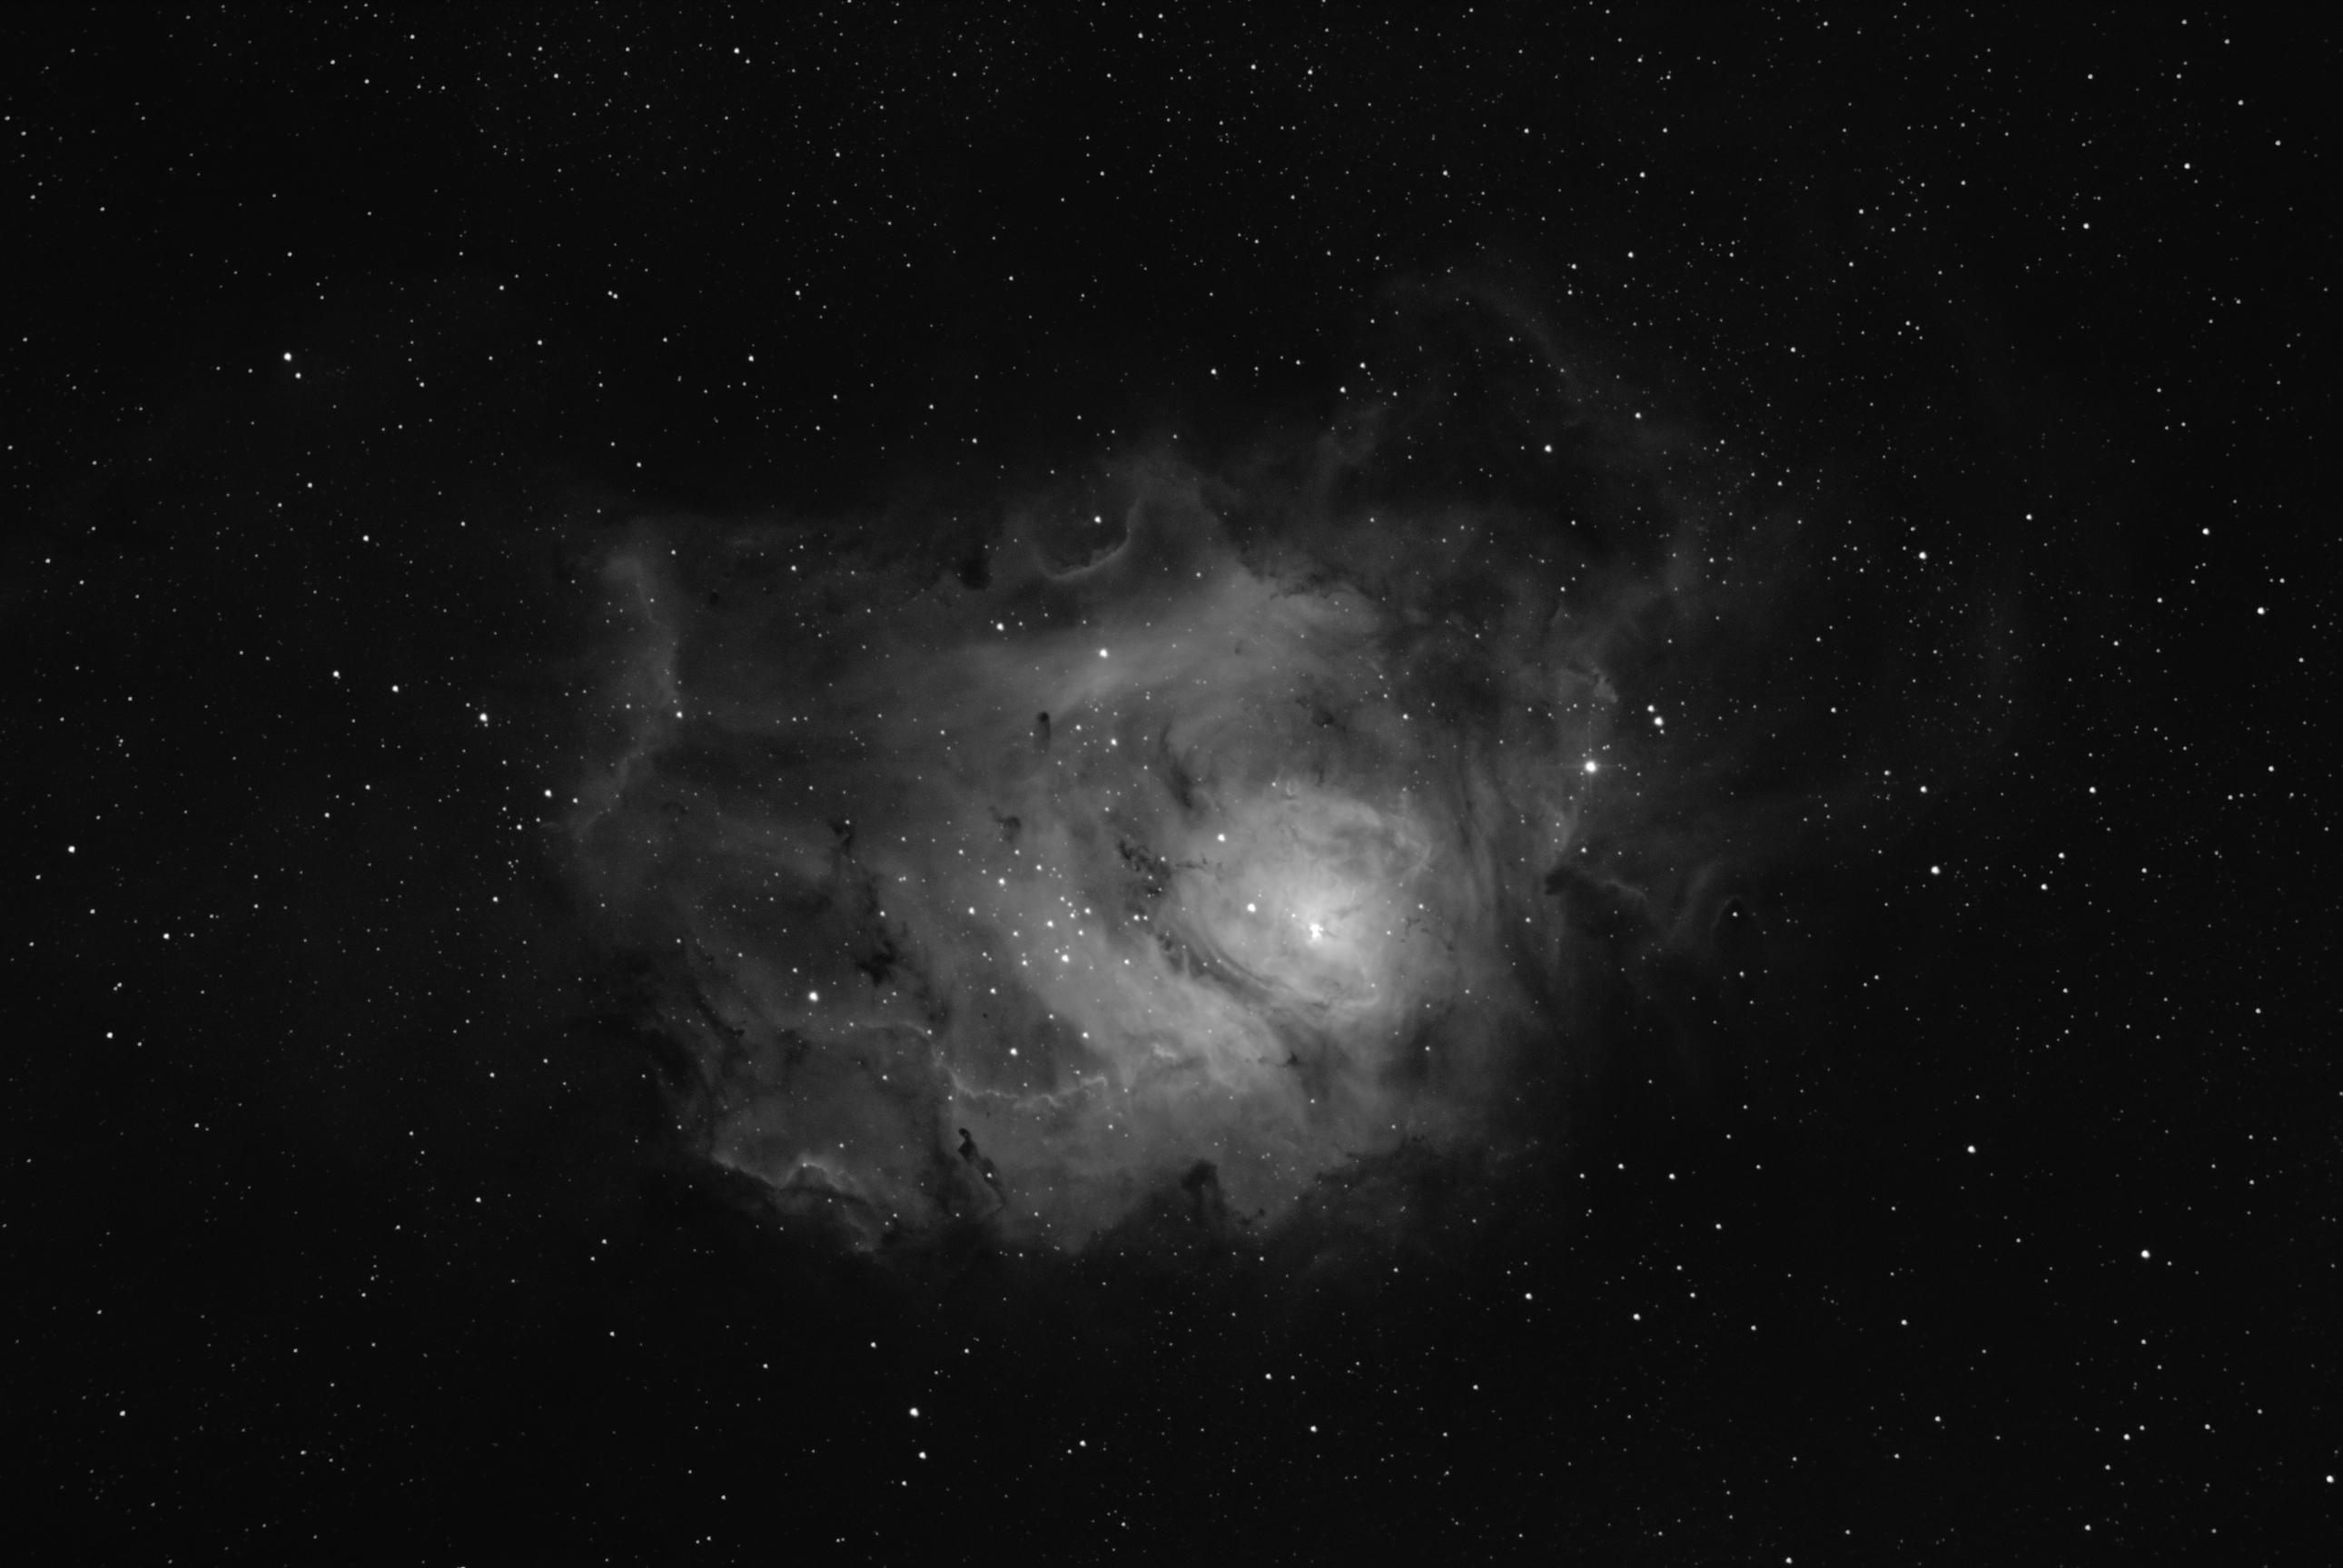 M8-26x150s-Ha-v2